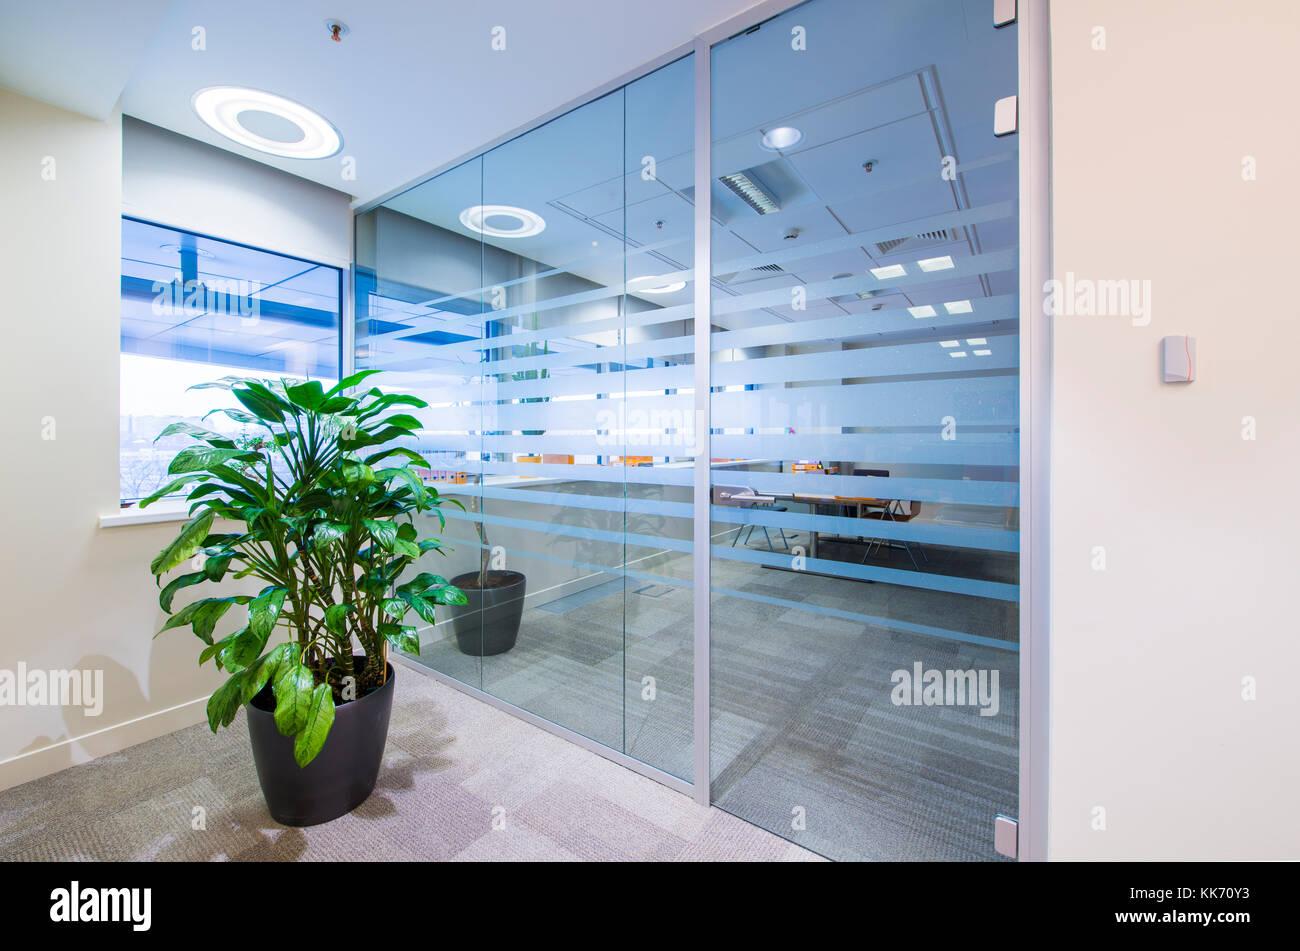 Porte en verre et plante verte dans le couloir au bureau moderne